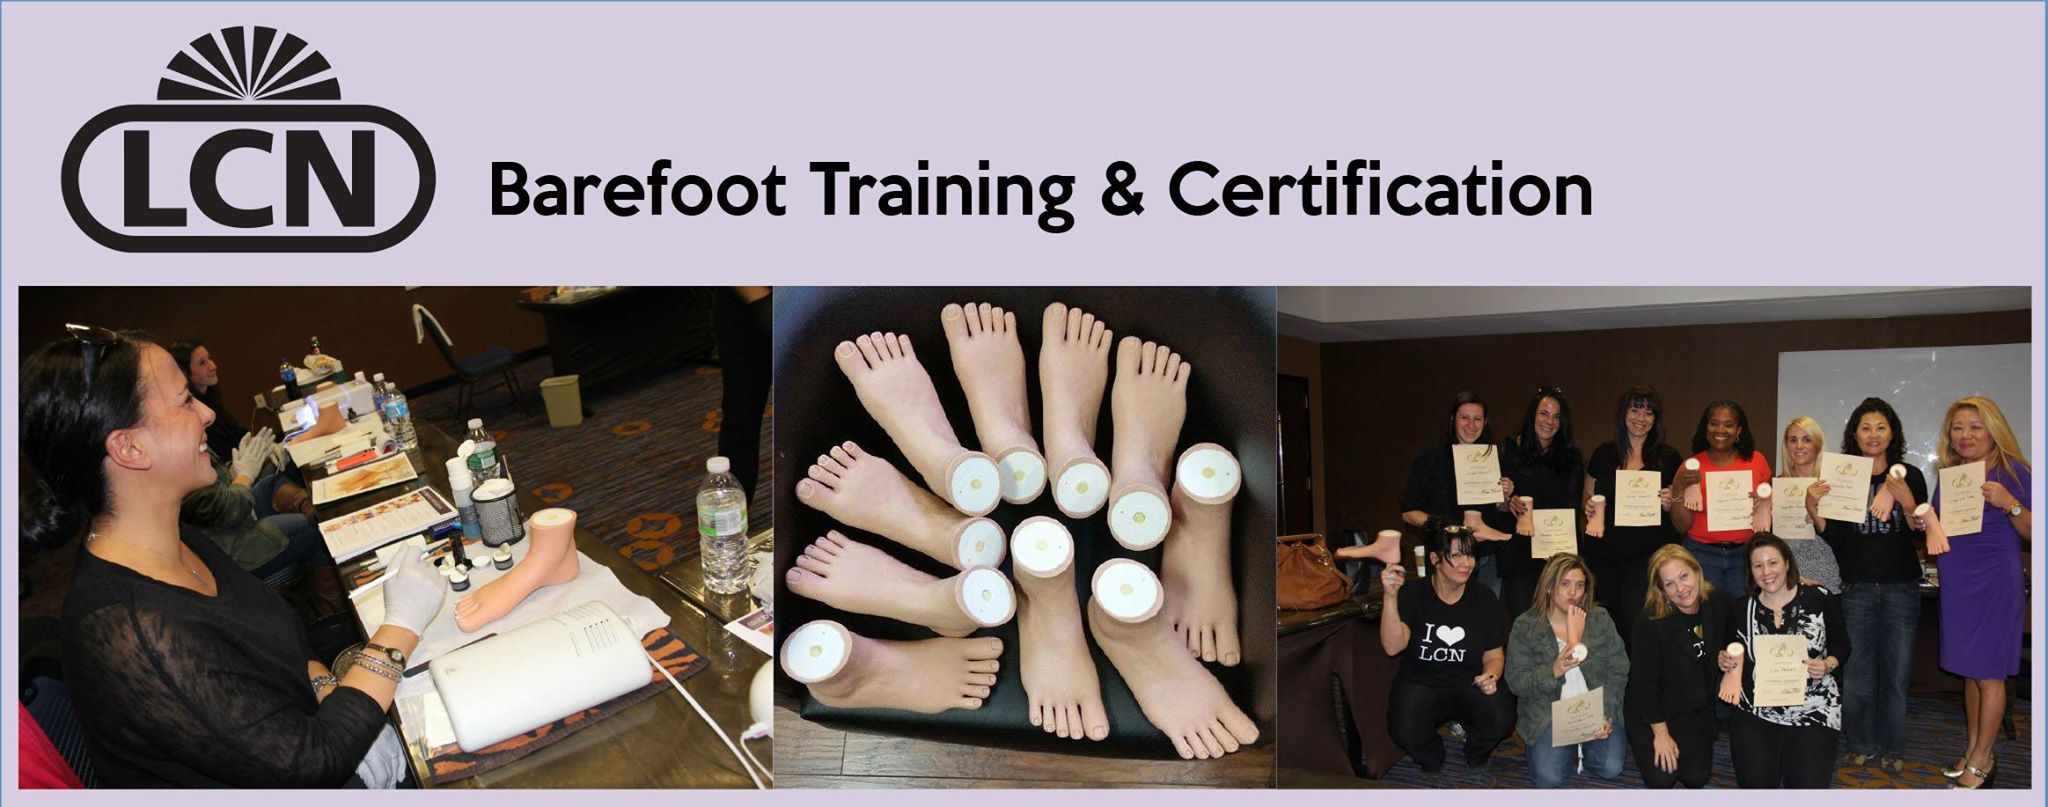 LCN Barefoot Training